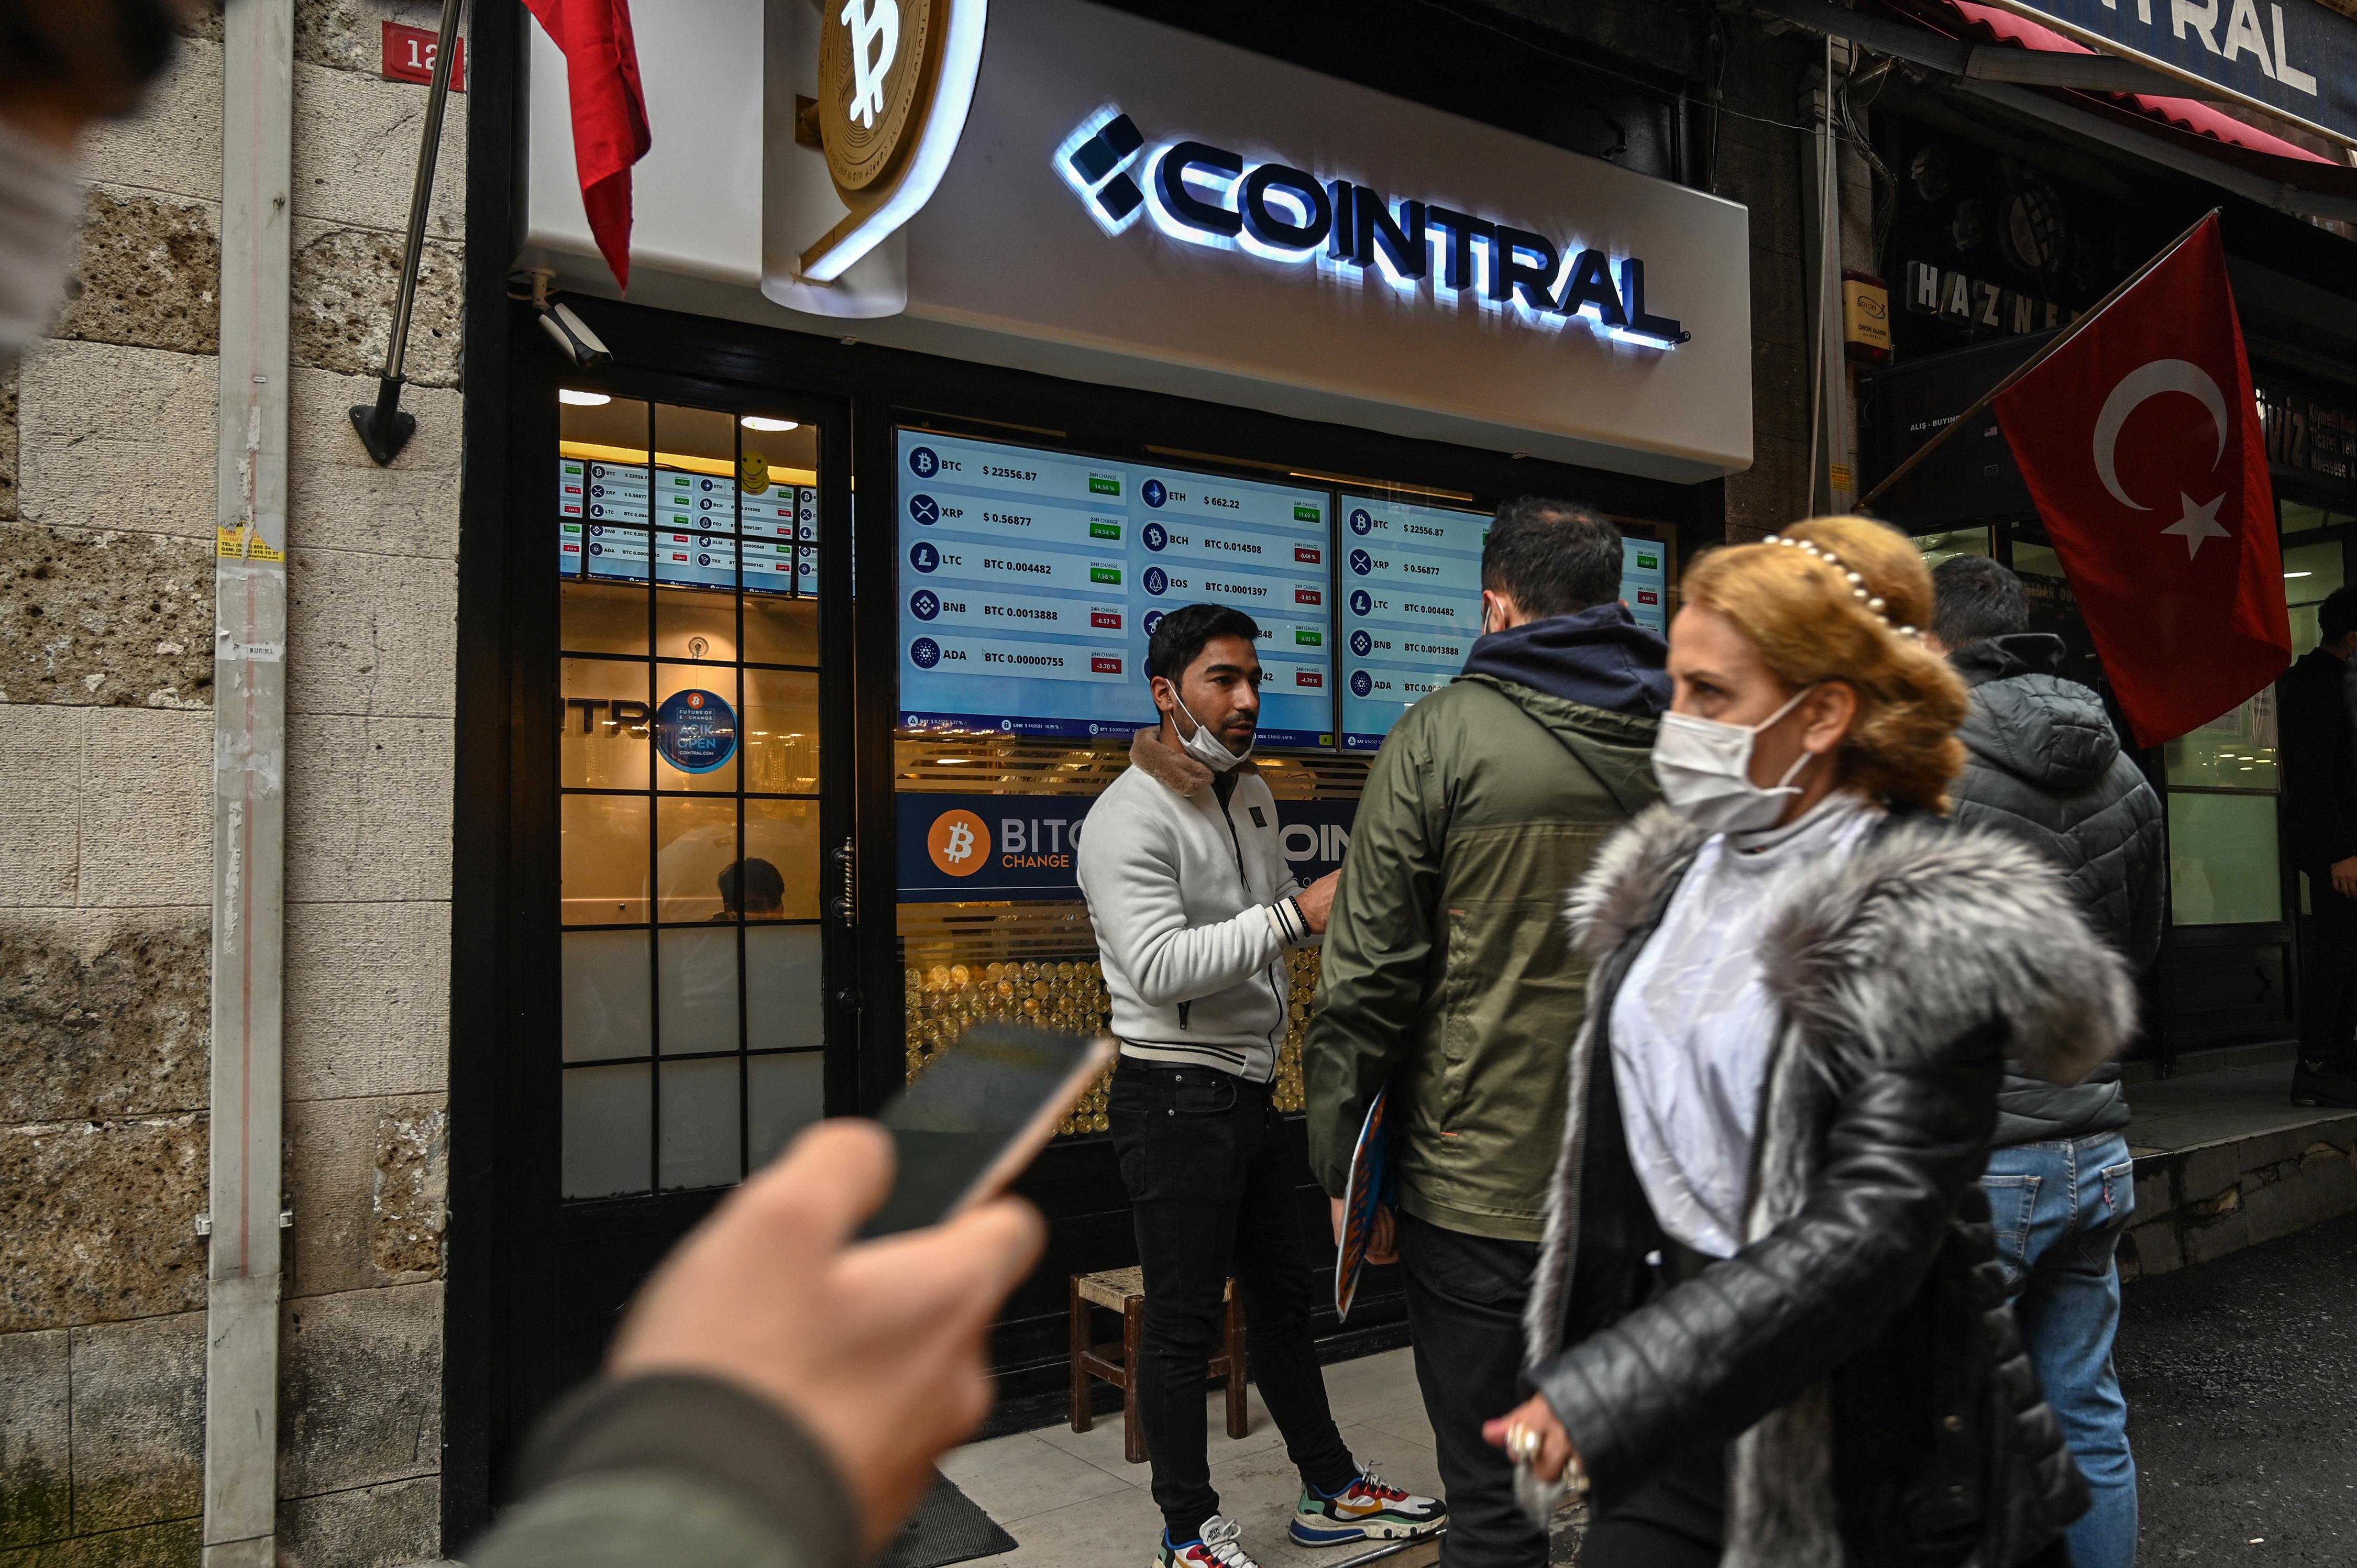 تنتشر محلات مخصصة للعملات الرقمية في المدن التركية حيث يقبل الأتراك على الاستثمار في سوق العملات الرقمية